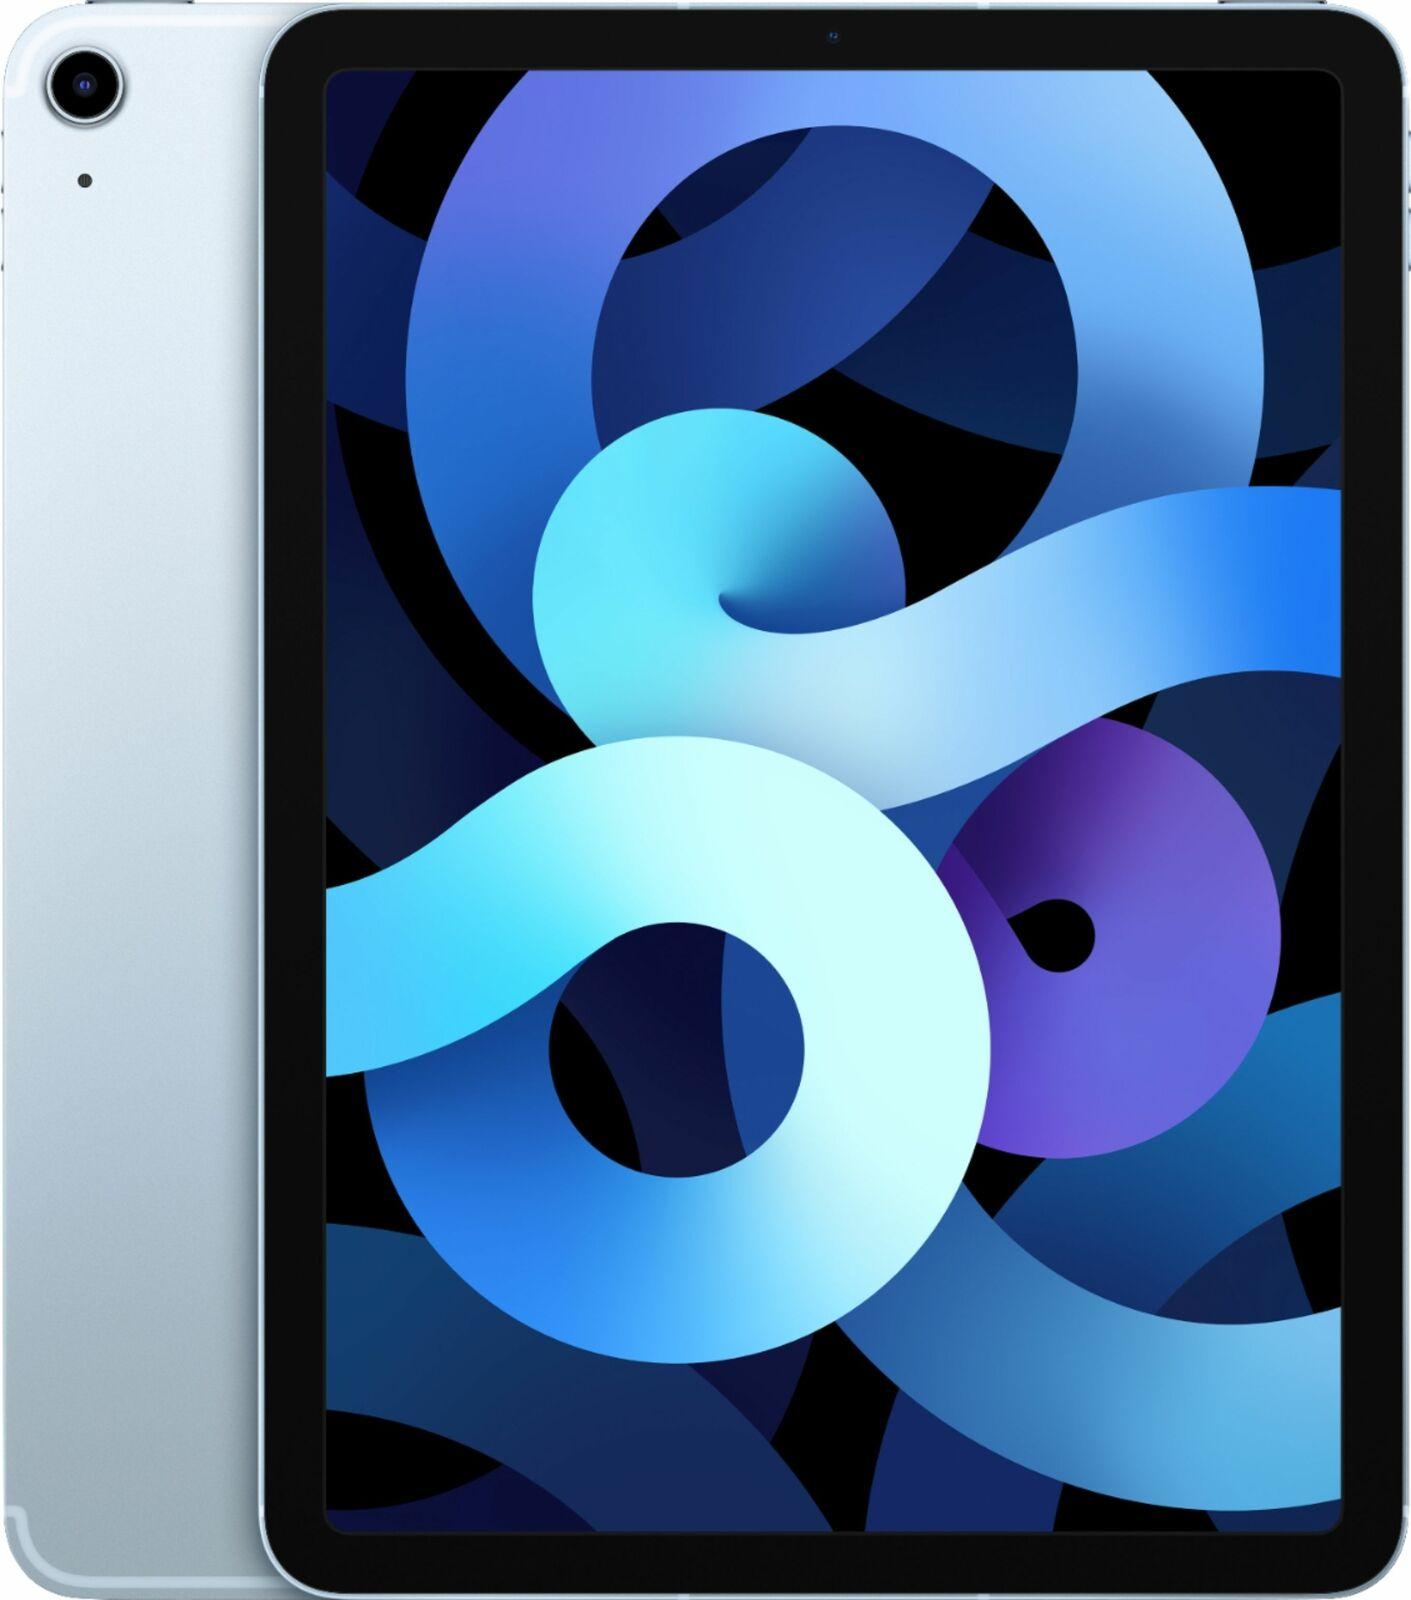 Apple iPad Air 4 64GB Sky Blue Wi-Fi MYFQ2LL/A (Latest Model). Buy it now for 489.00